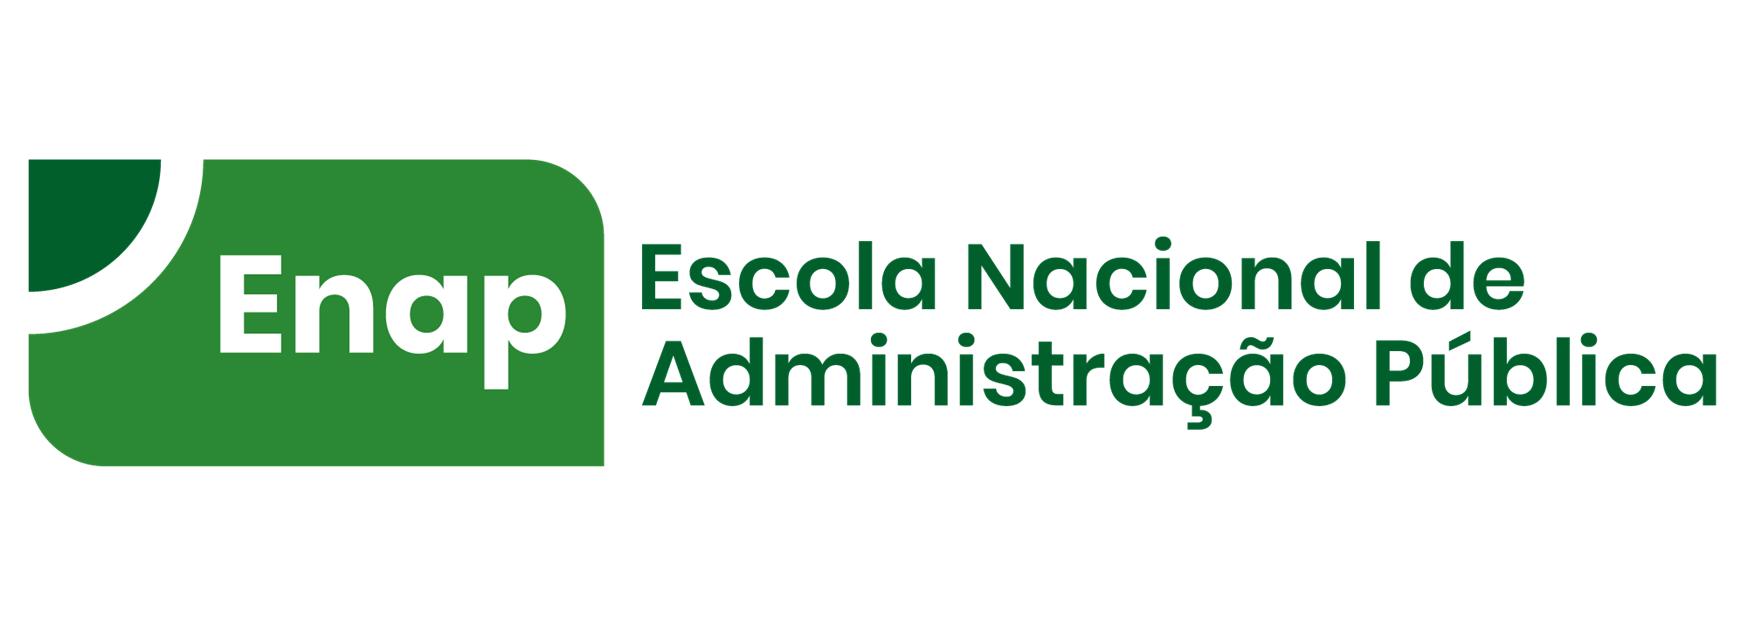 ENAP - Escola Ncional de Administração Pública